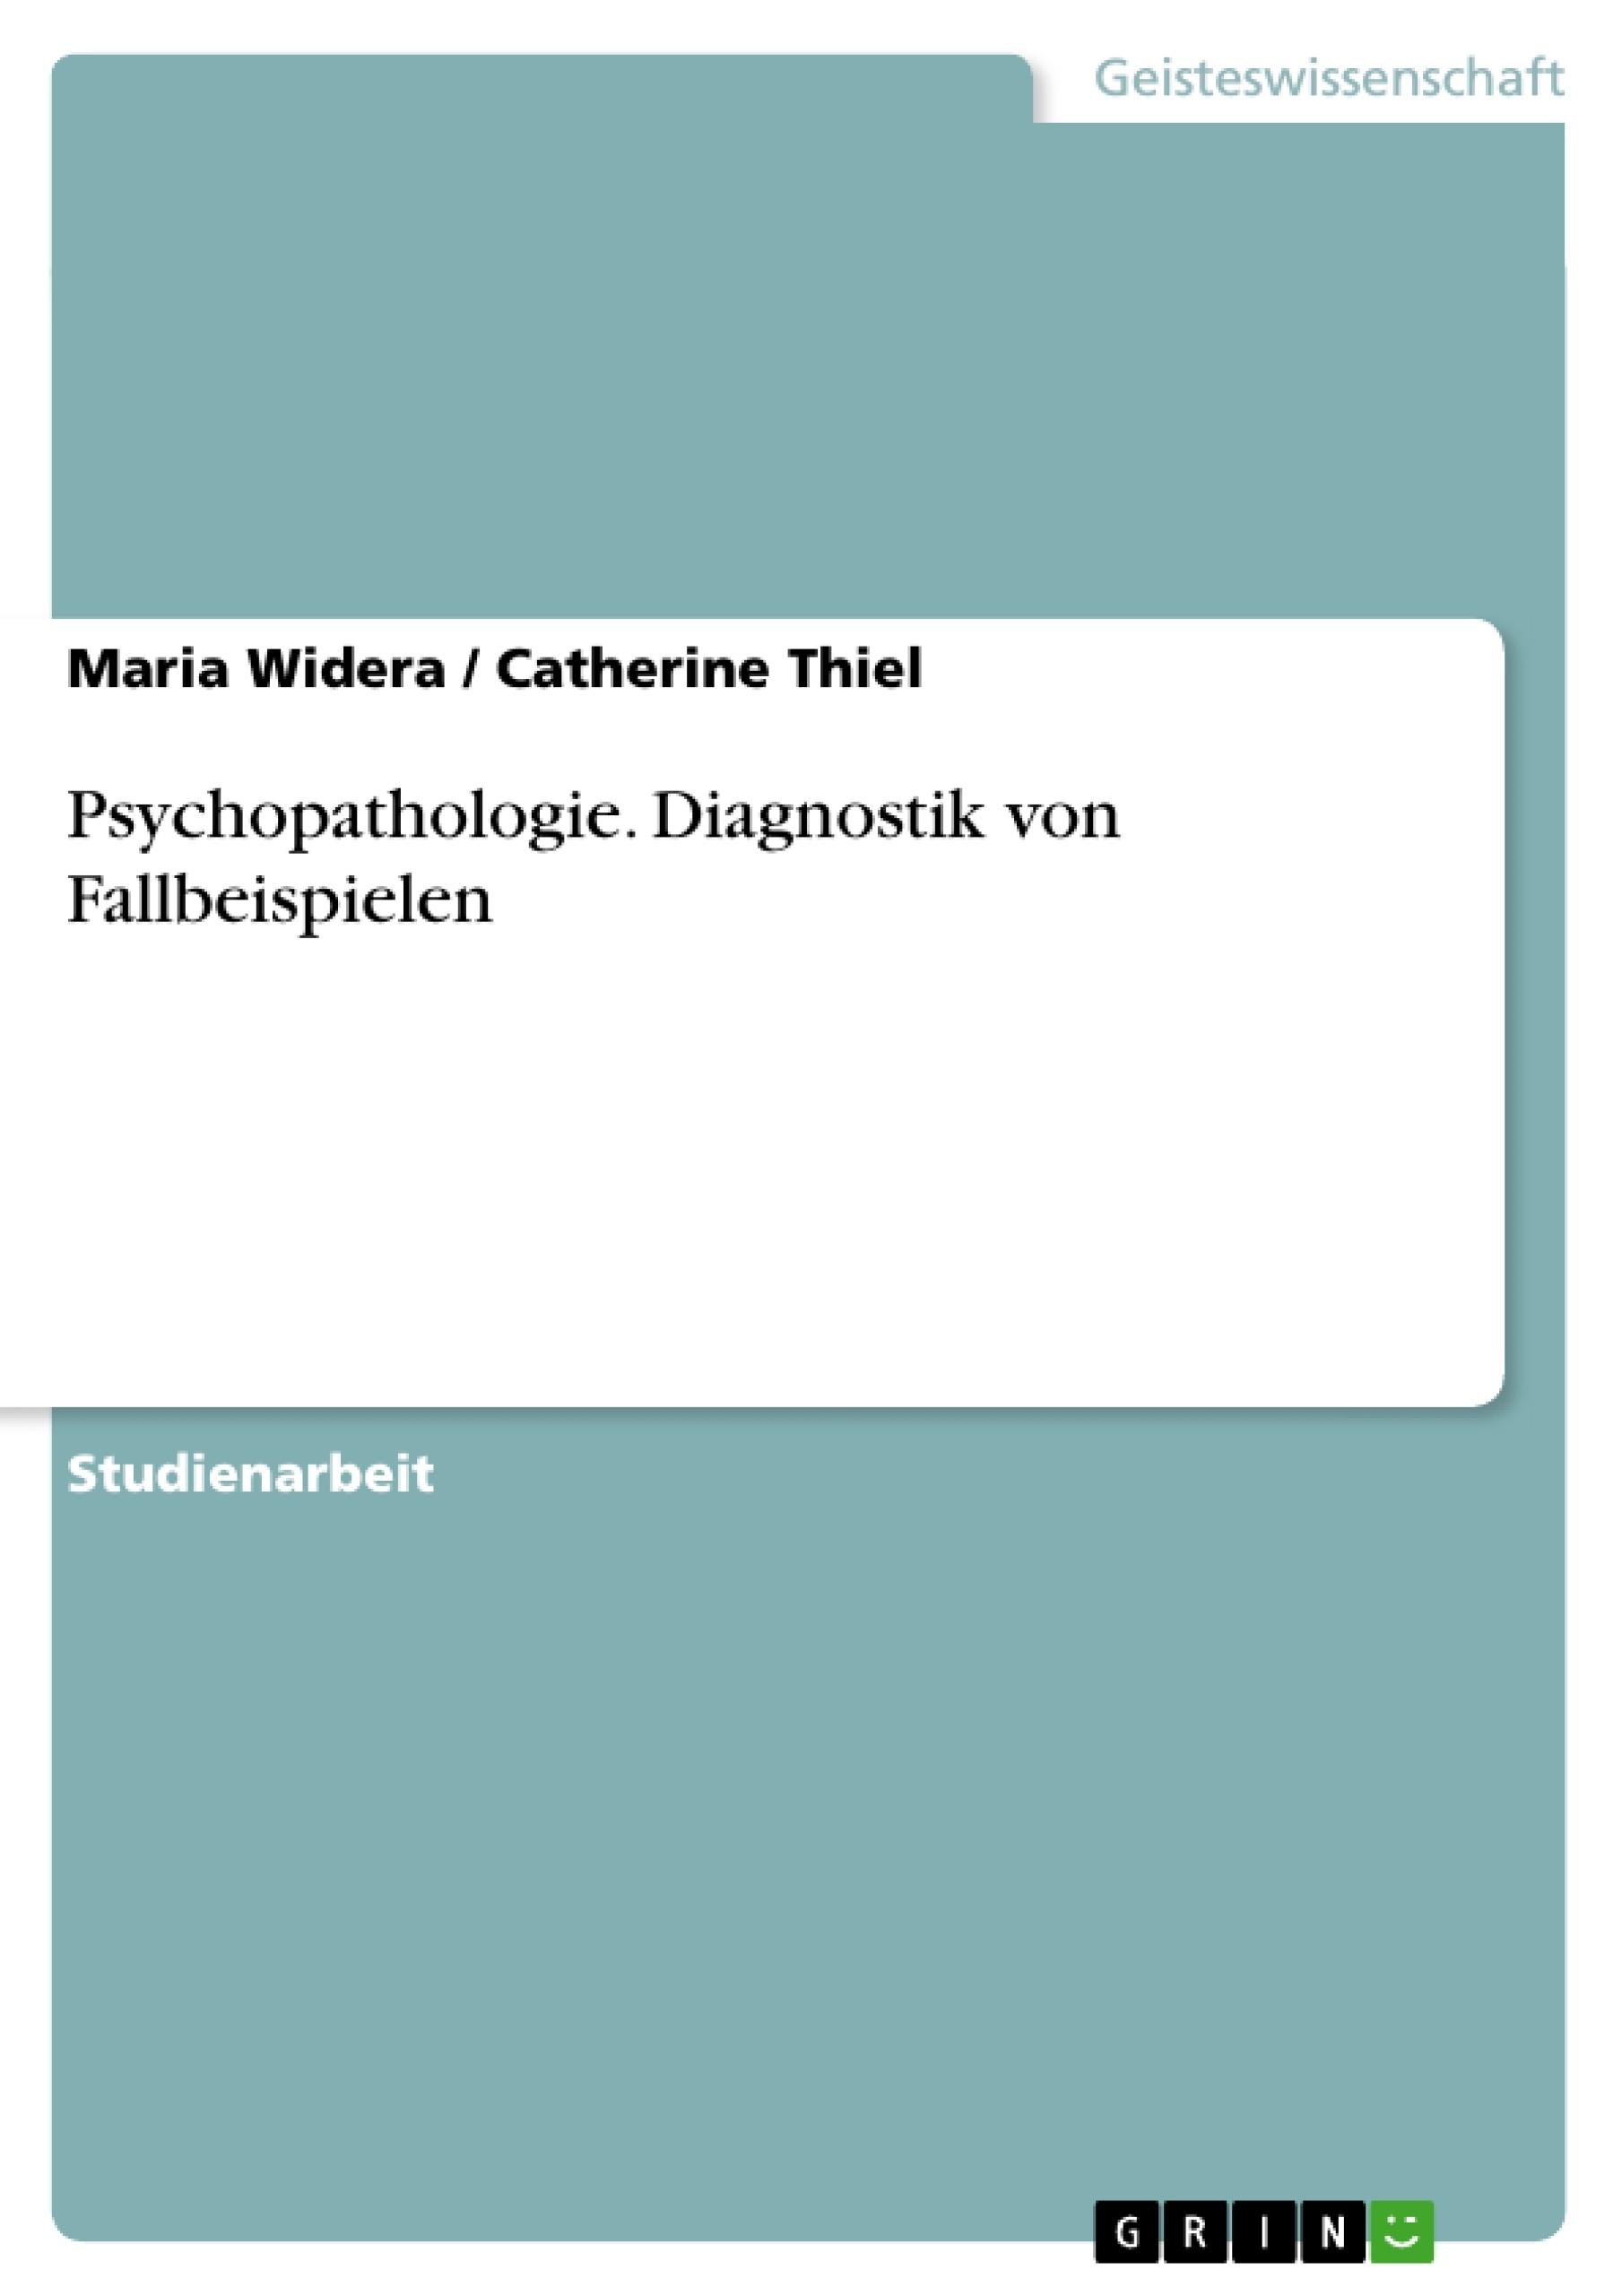 Titel: Psychopathologie. Diagnostik von Fallbeispielen